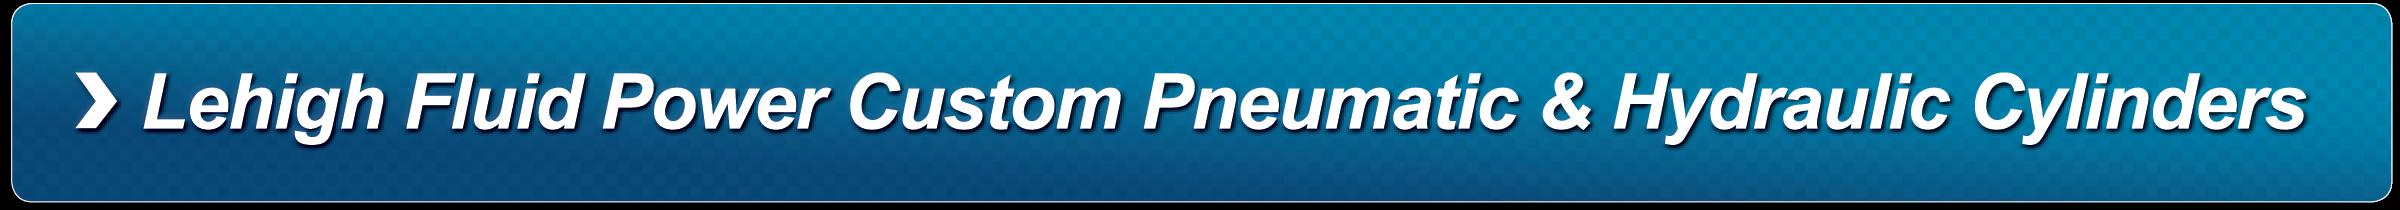 Lehigh Fluid Power Custom Pneumatic & Hydraulic Cylinders